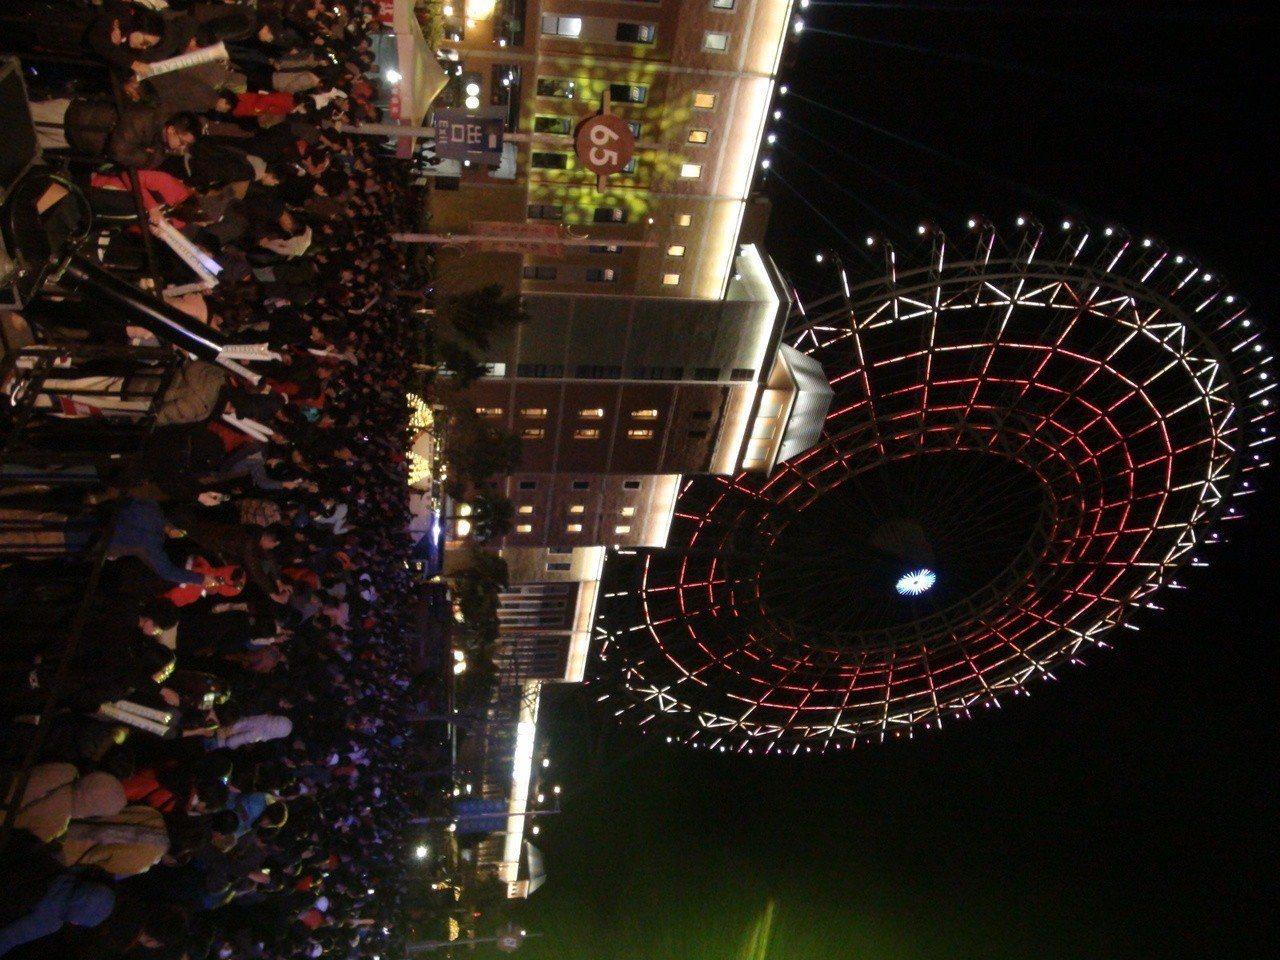 台中跨年晚會雙主場,后里場在麗寶樂園第二停車場舉行,現場擠滿跨年人潮,現場相當熱...